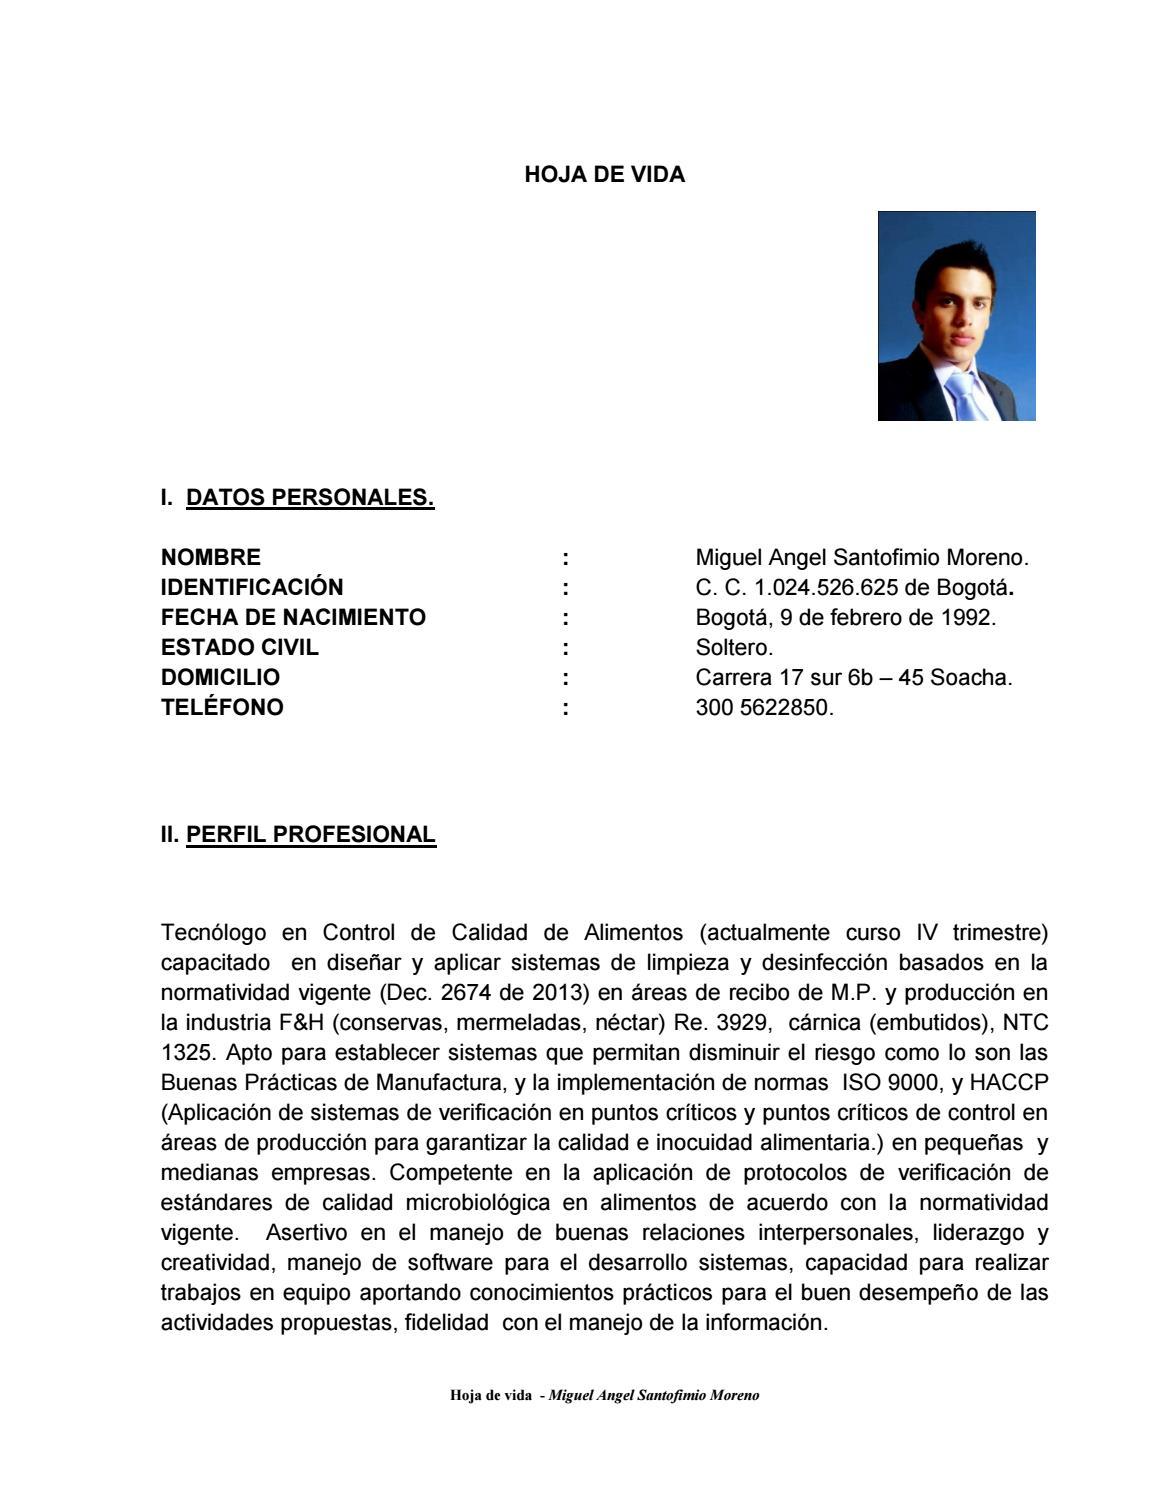 Hoja de vida (1) by Miguel Angel santofimio - issuu